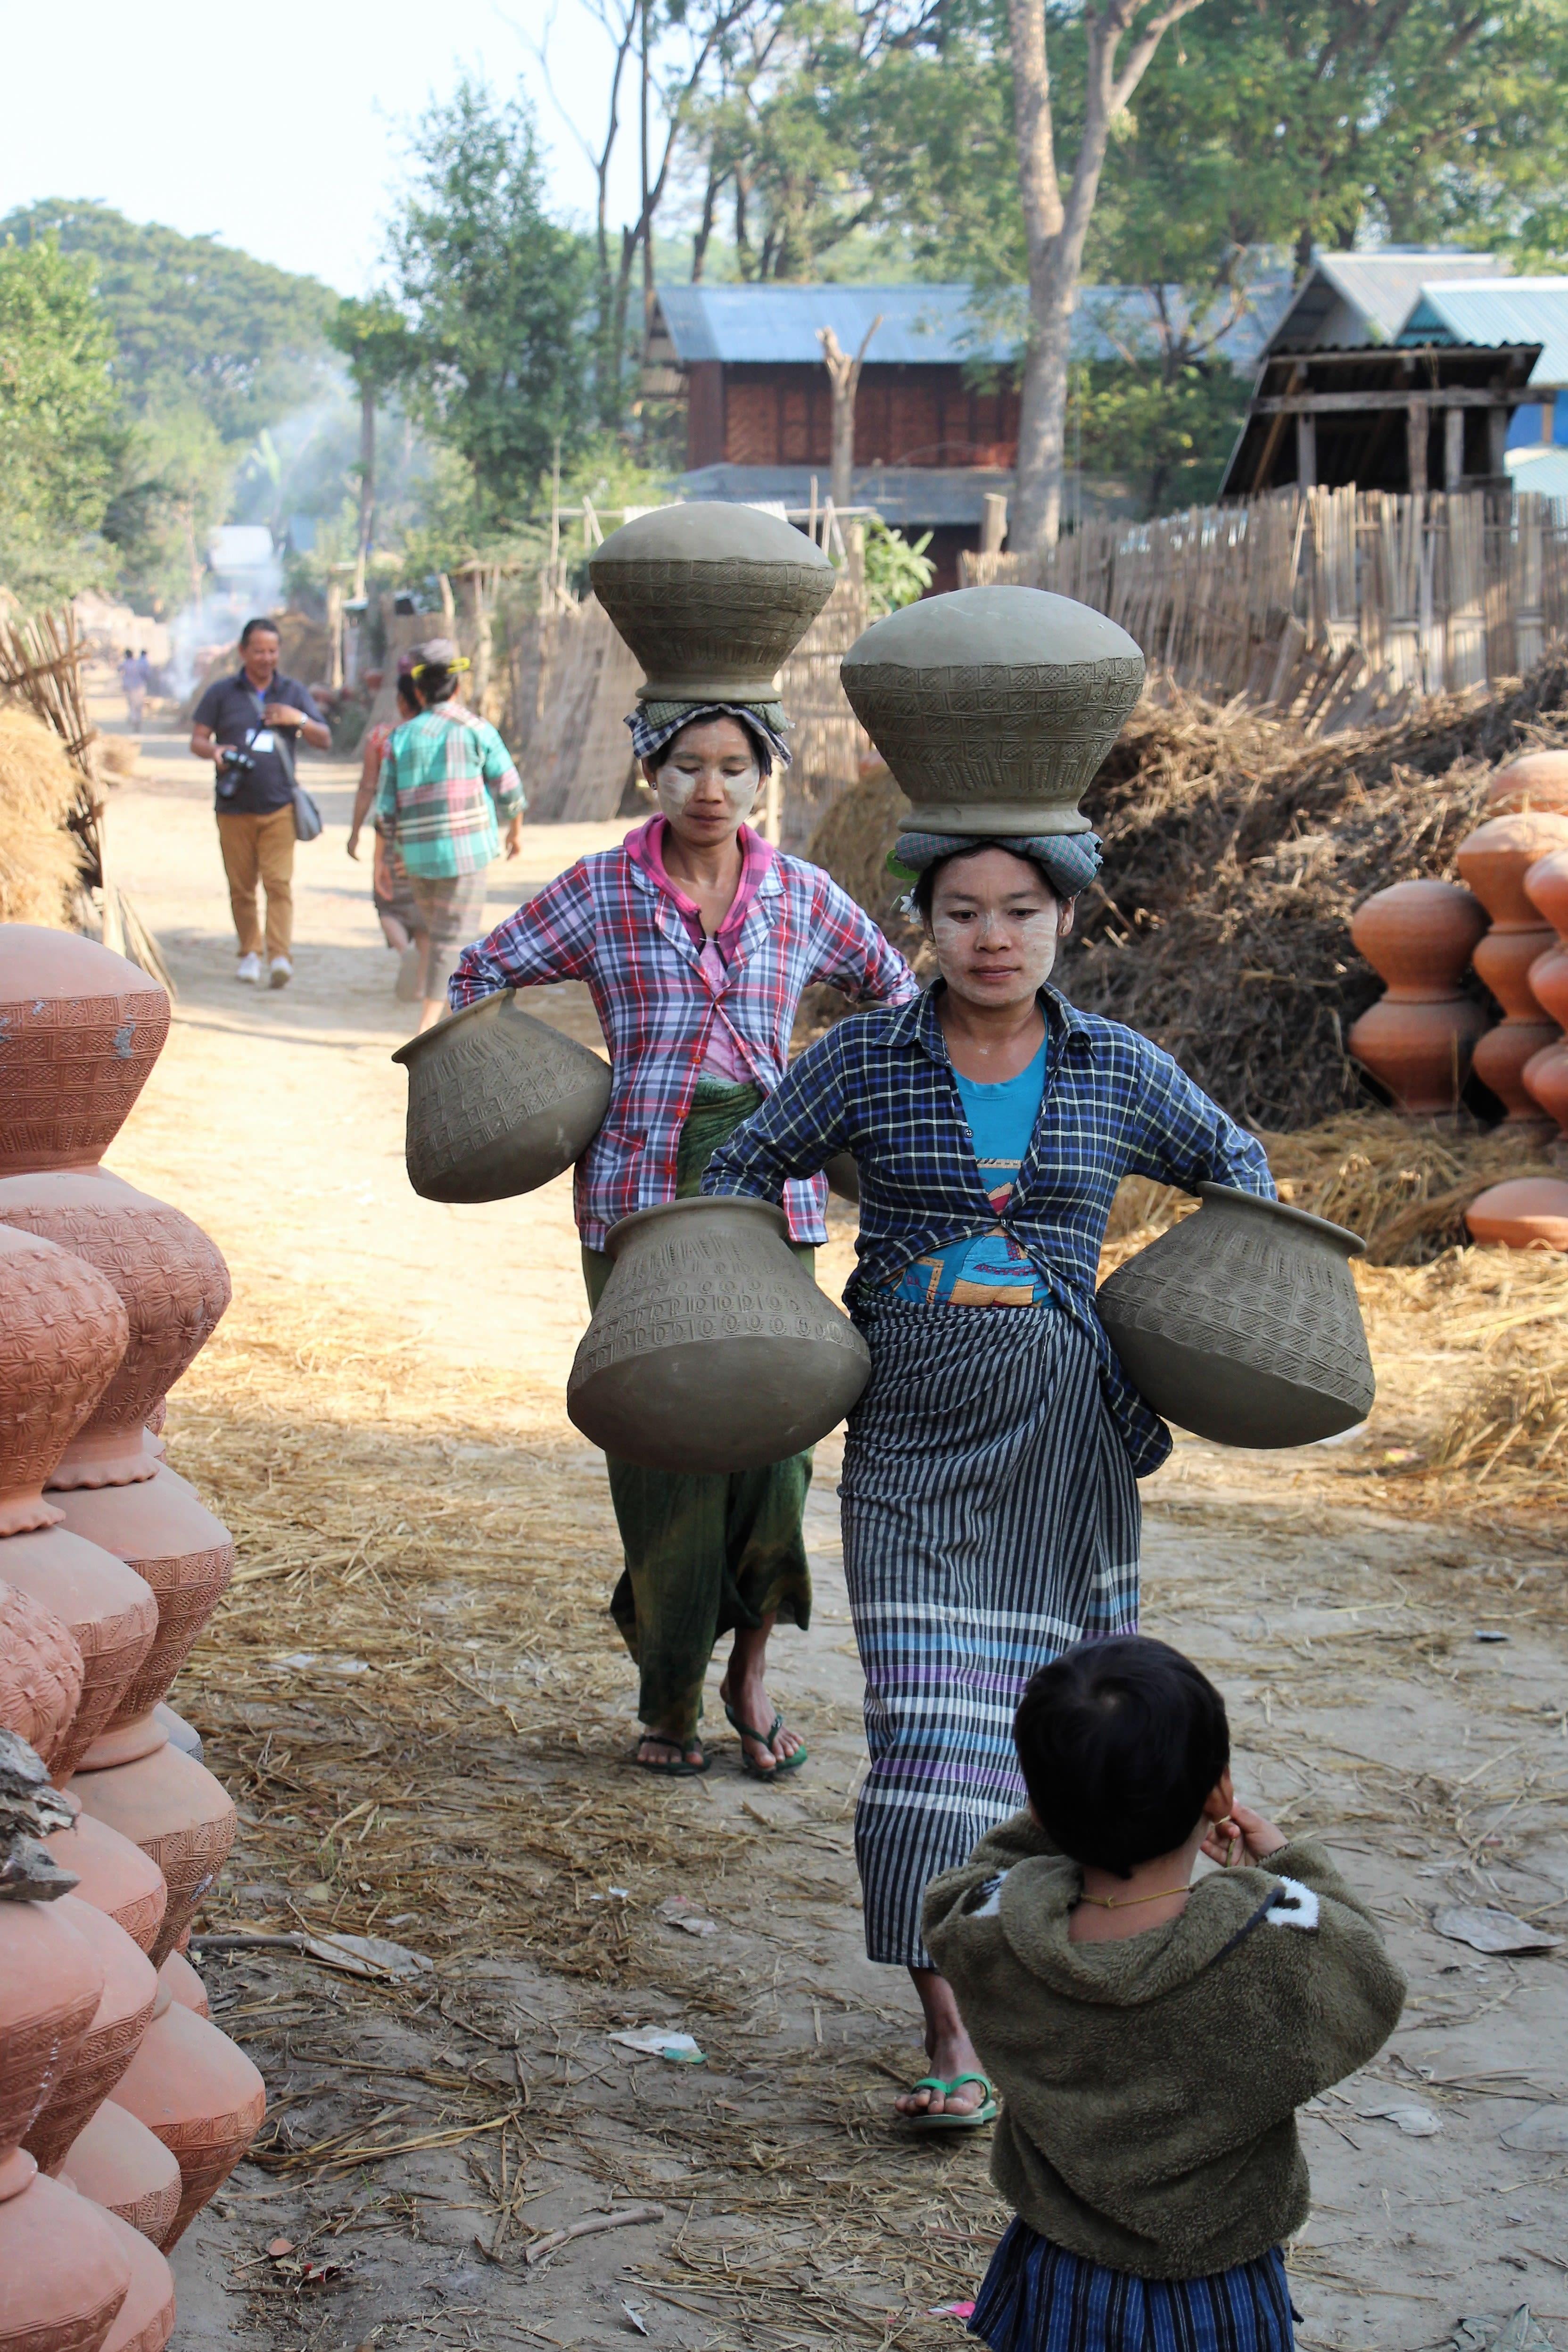 Typische Szene in einem Dorf in Myanmar